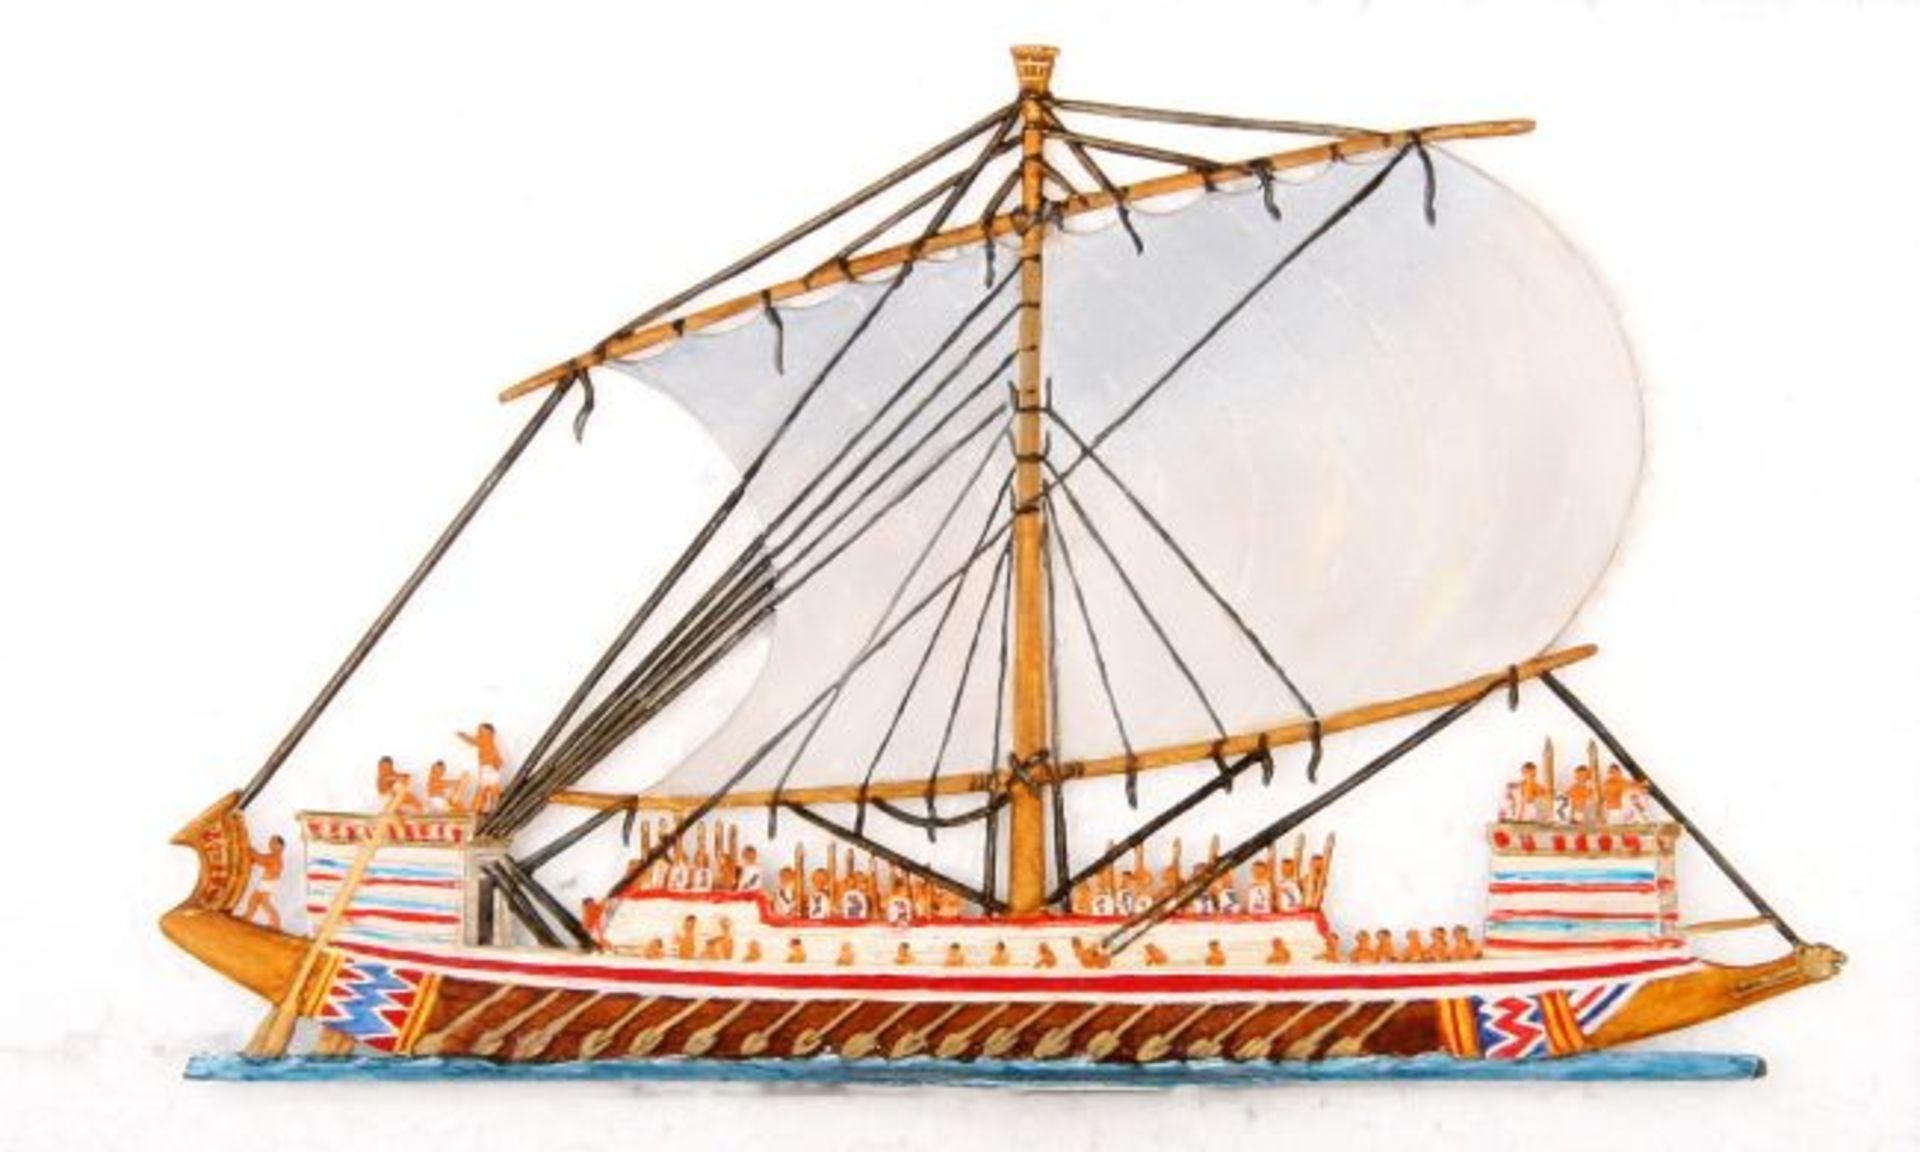 Altertum, Ägypten, Kriegs-Galeere, Höhe ca. 9,5 cm, Tylinski, sehr gute, leicht schattierte